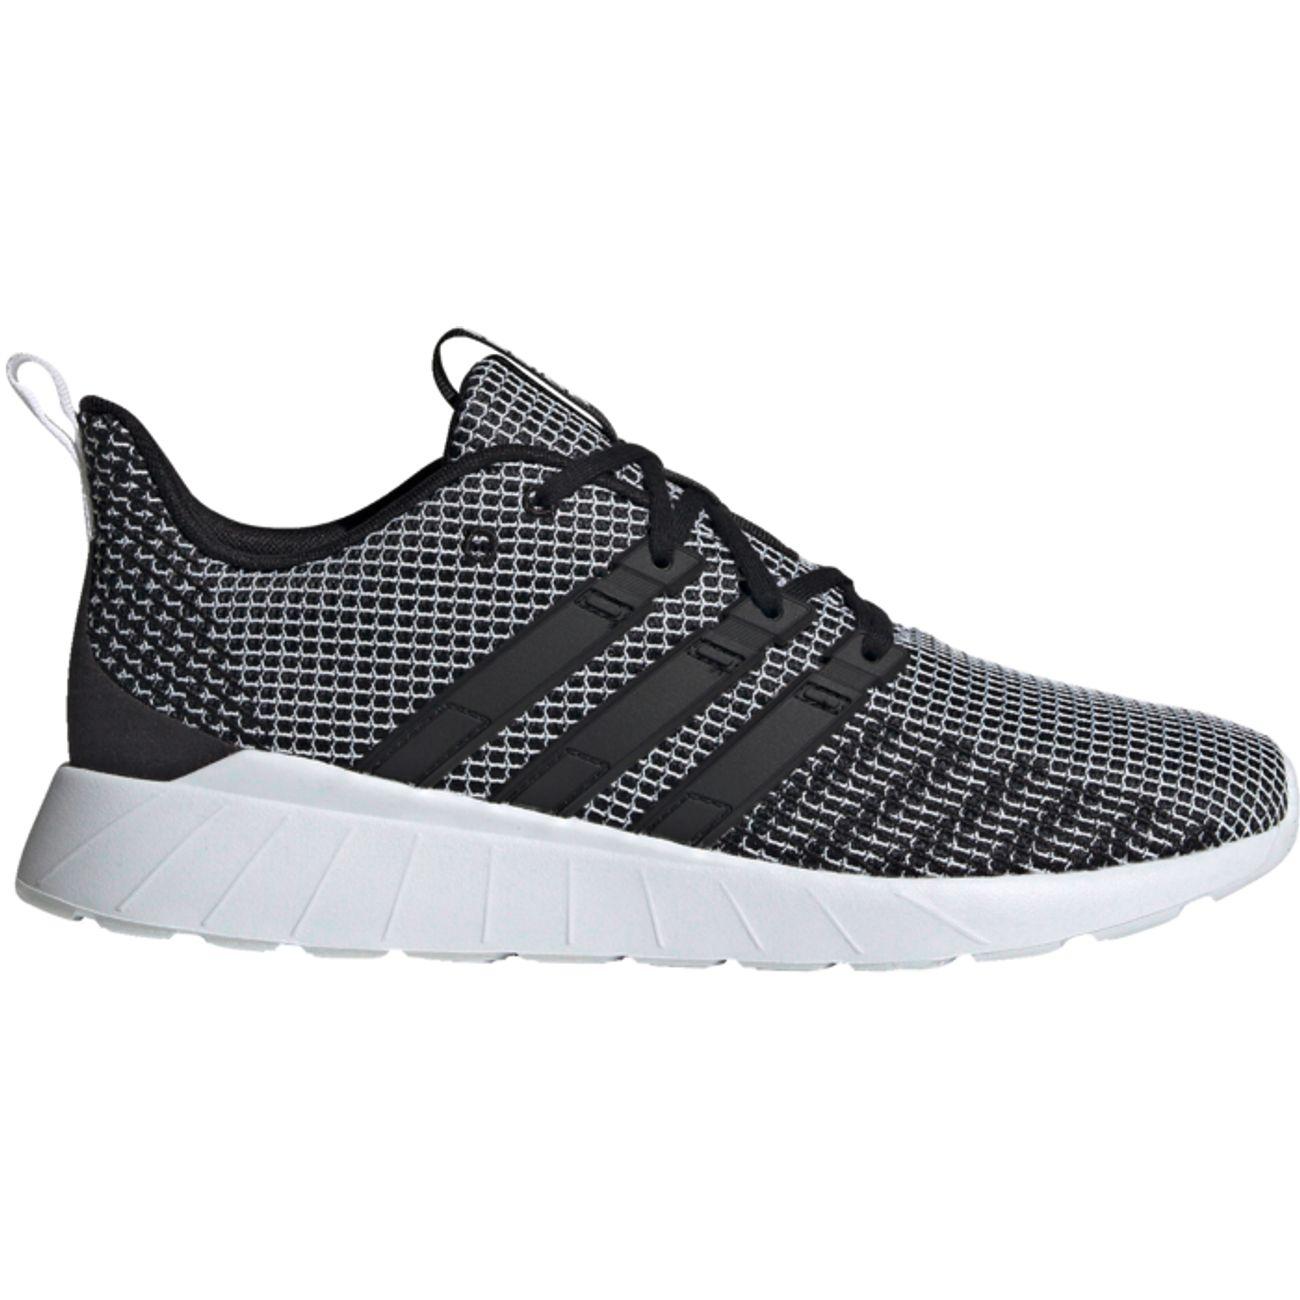 Chaussures basses Adidas Questar Flow pour Homme - Tailles 40 à 45 1/3